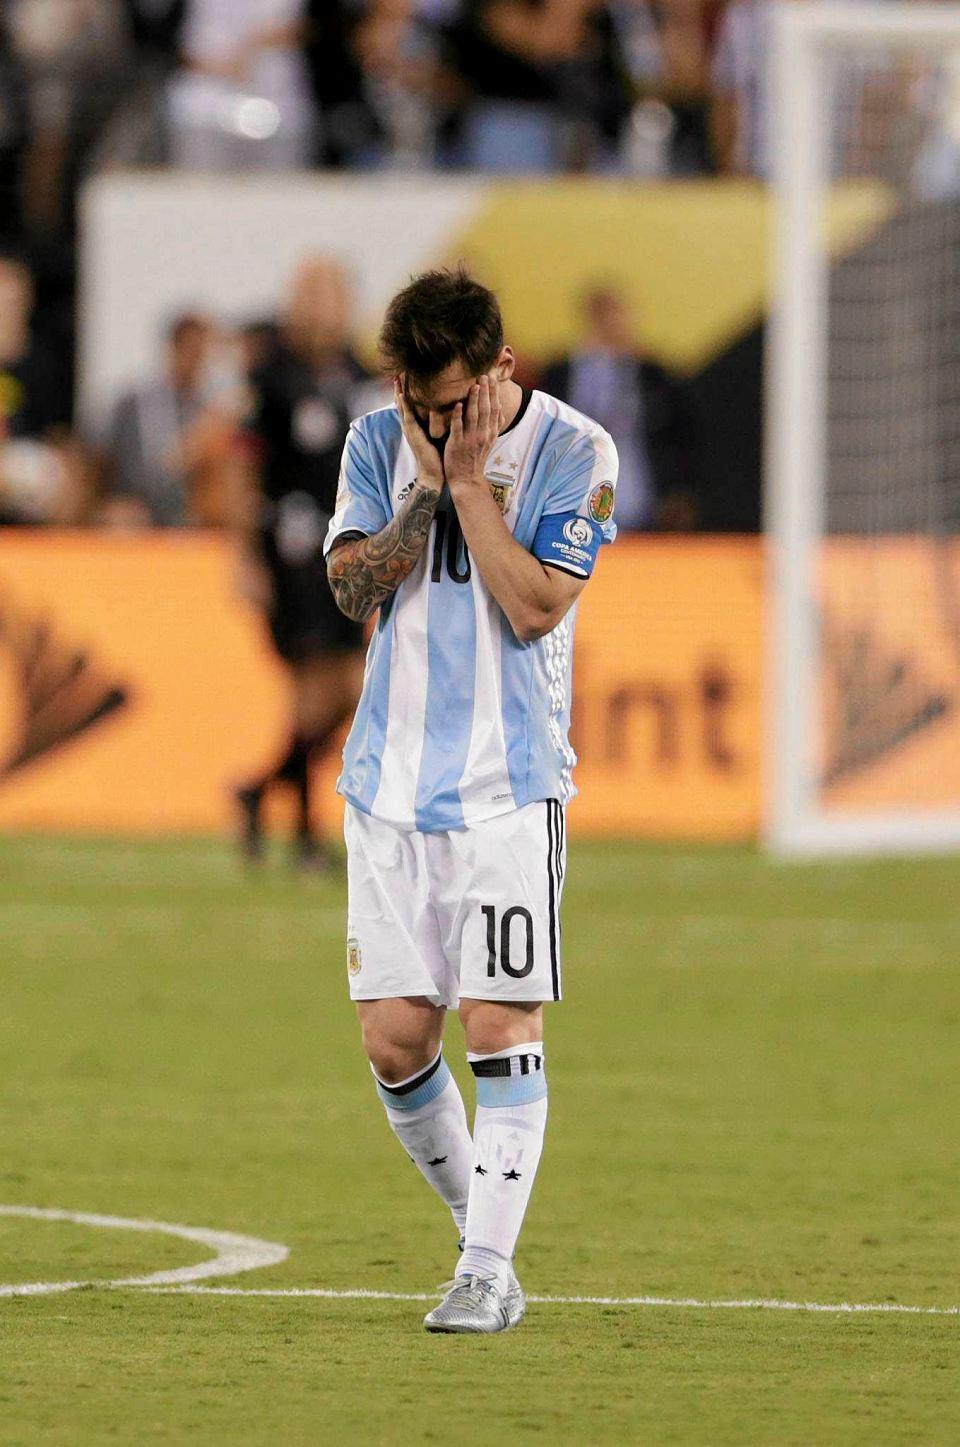 Zdjęcie numer 2 w galerii - Copa America 2016. Leo Messi w rozpaczy po porażce w finale [ZDJĘCIA]